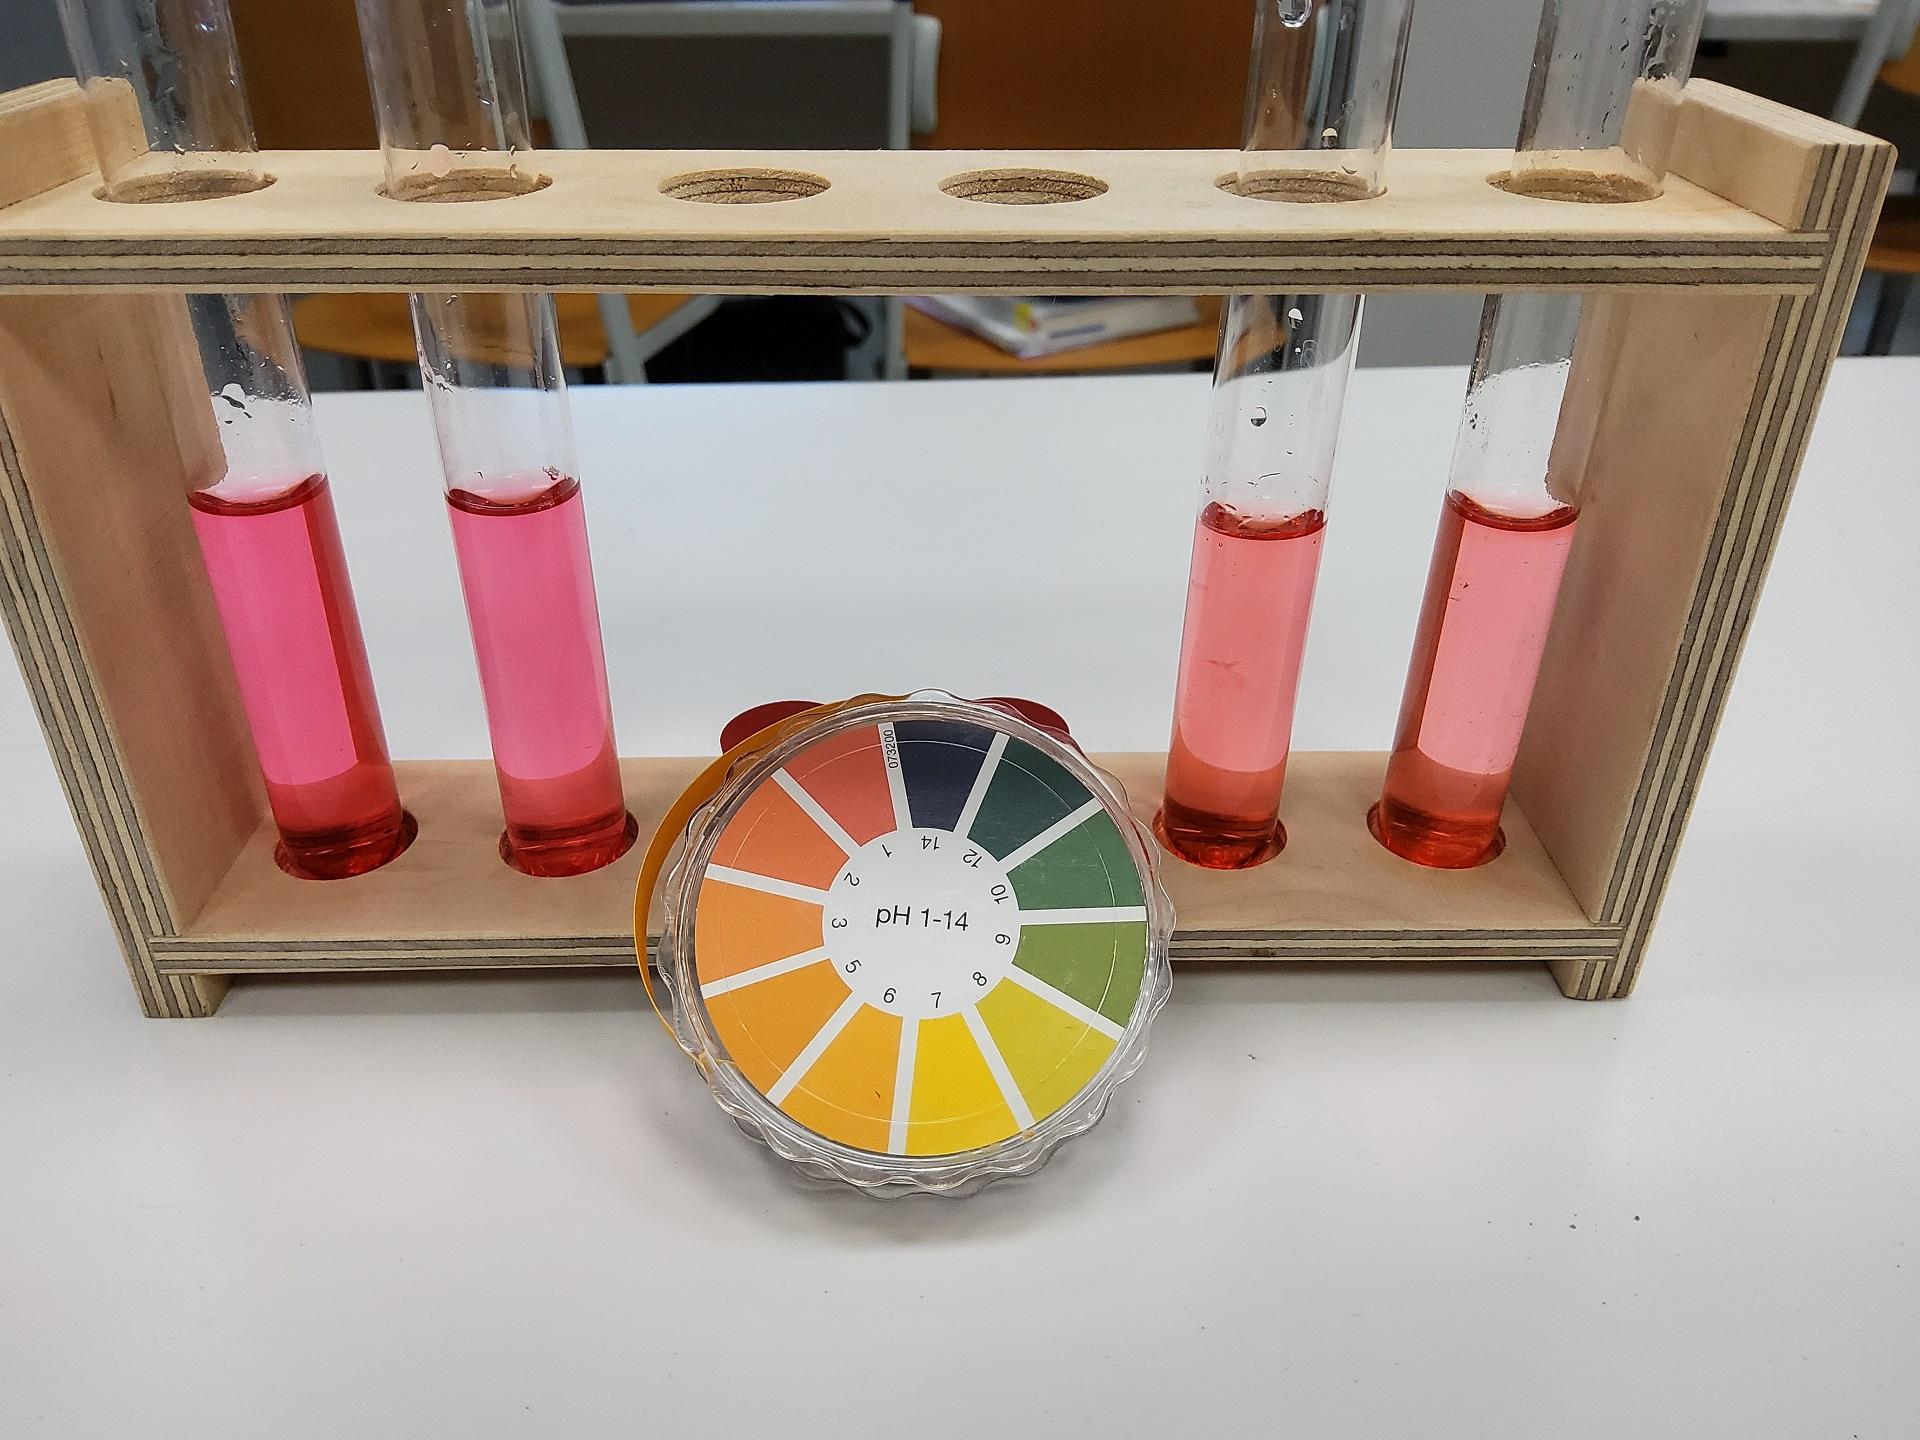 Wissenschaftliches Überraschungspaket bereichert den Chemieunterricht mit neuem Labormaterial (Foto: Victoria H.)